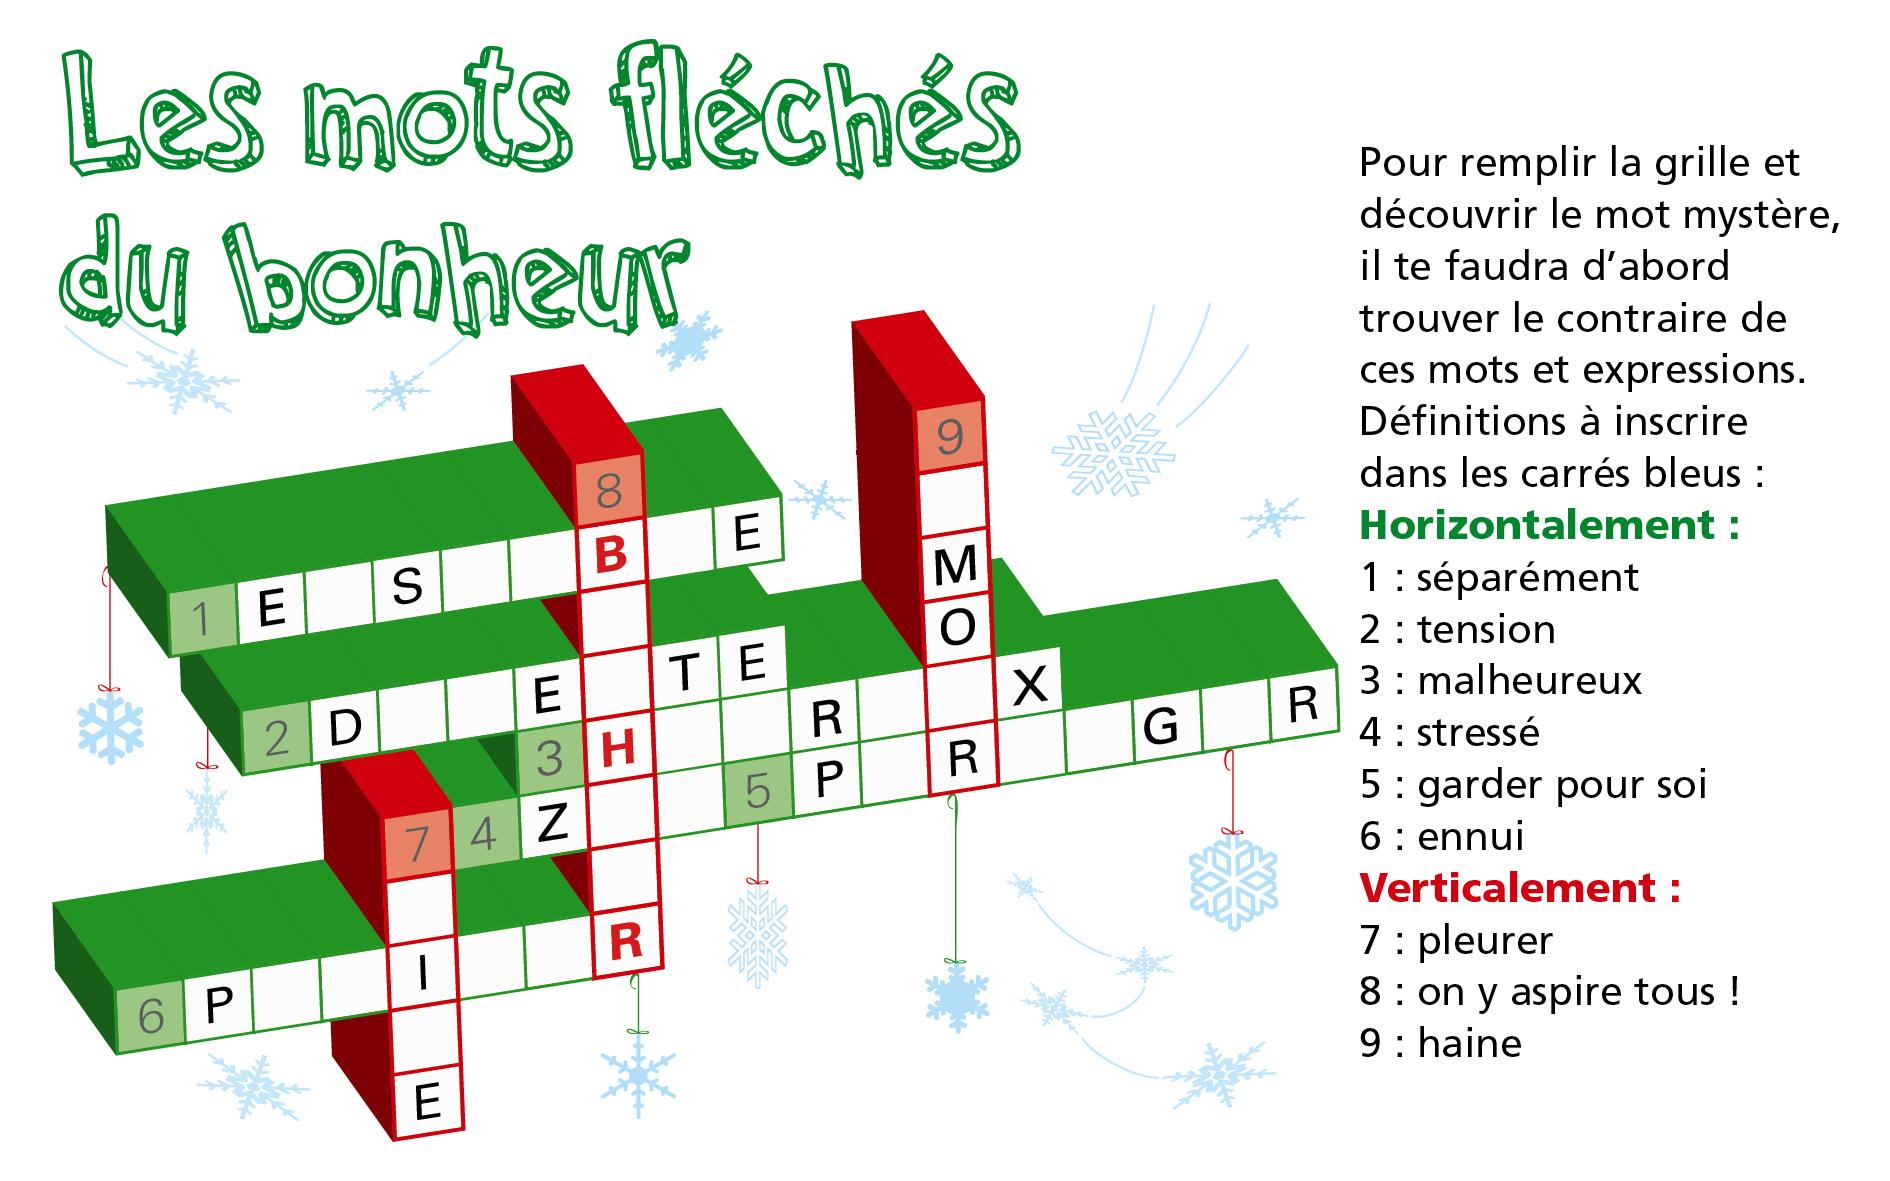 Les Mots Fléchés Du Bonheur / Jeu Lig'up - Lig'up concernant Les Mot Fleches Gratuits